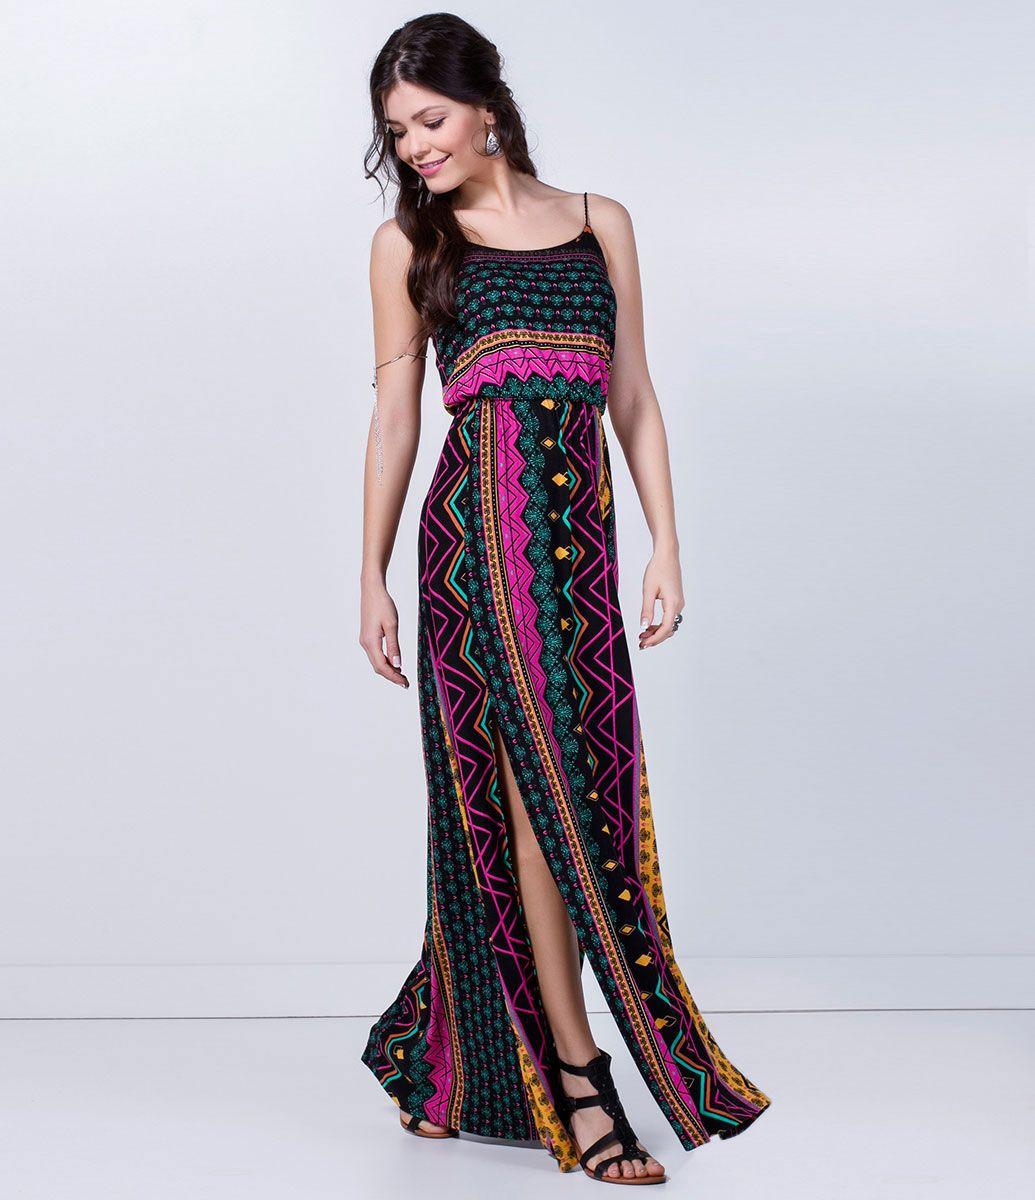 5dc92dad5 Vestido feminino Modelo longo Sem mangas Estampado Com fendas laterais  Marca: Blue Steel Tecido: